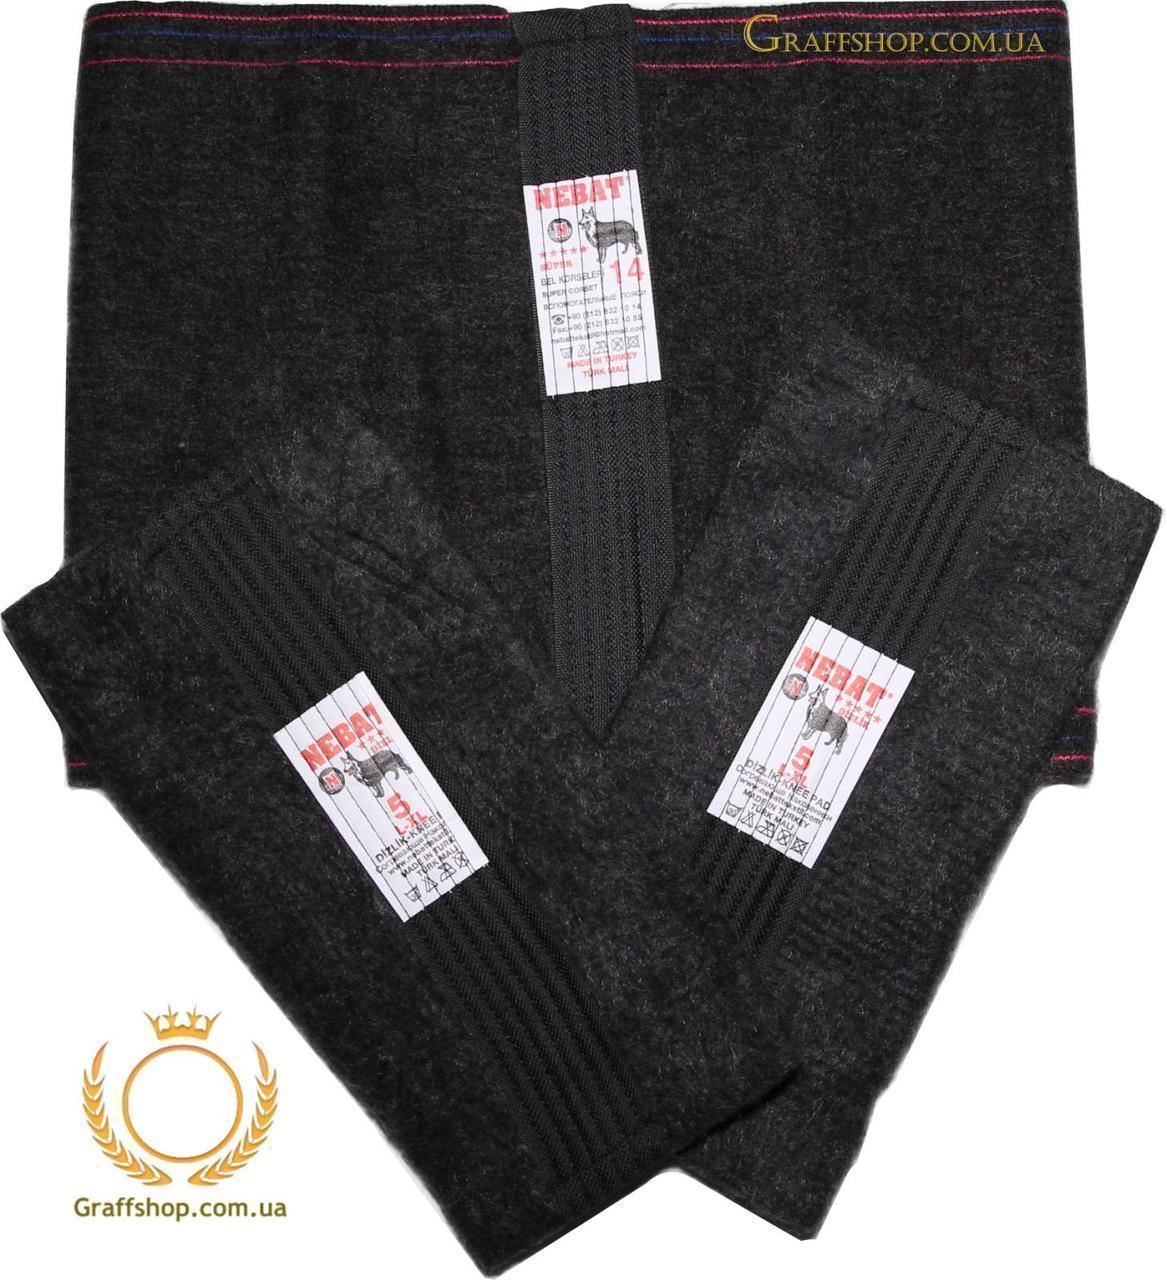 Комплект согревающий пояс из собачьей шерсти и наколенники Nebat